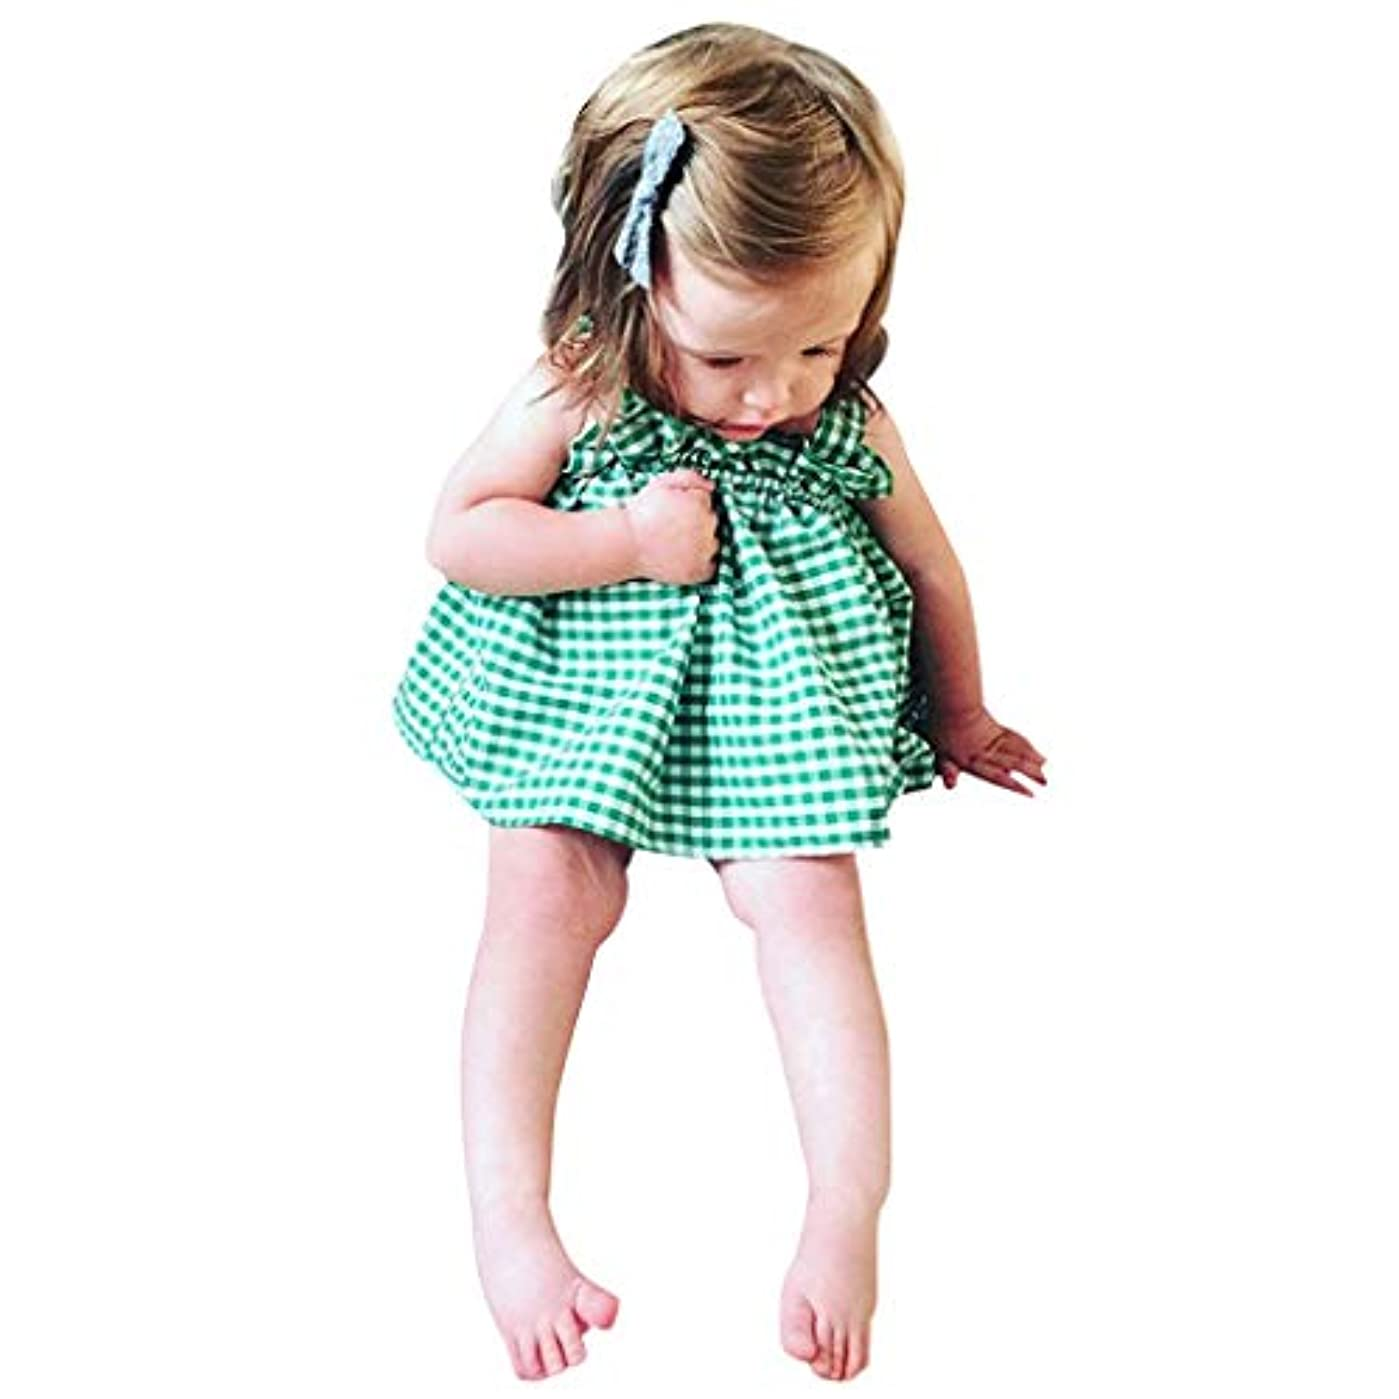 保護手伝う戦艦キッズ服 Jopinica 6ヶ月~2歳 夏グリーンチェック柄サスペンダートップス?ブリーフセット お嬢様の記念日 子供の日ファッション女の子 ガールズ2点セット